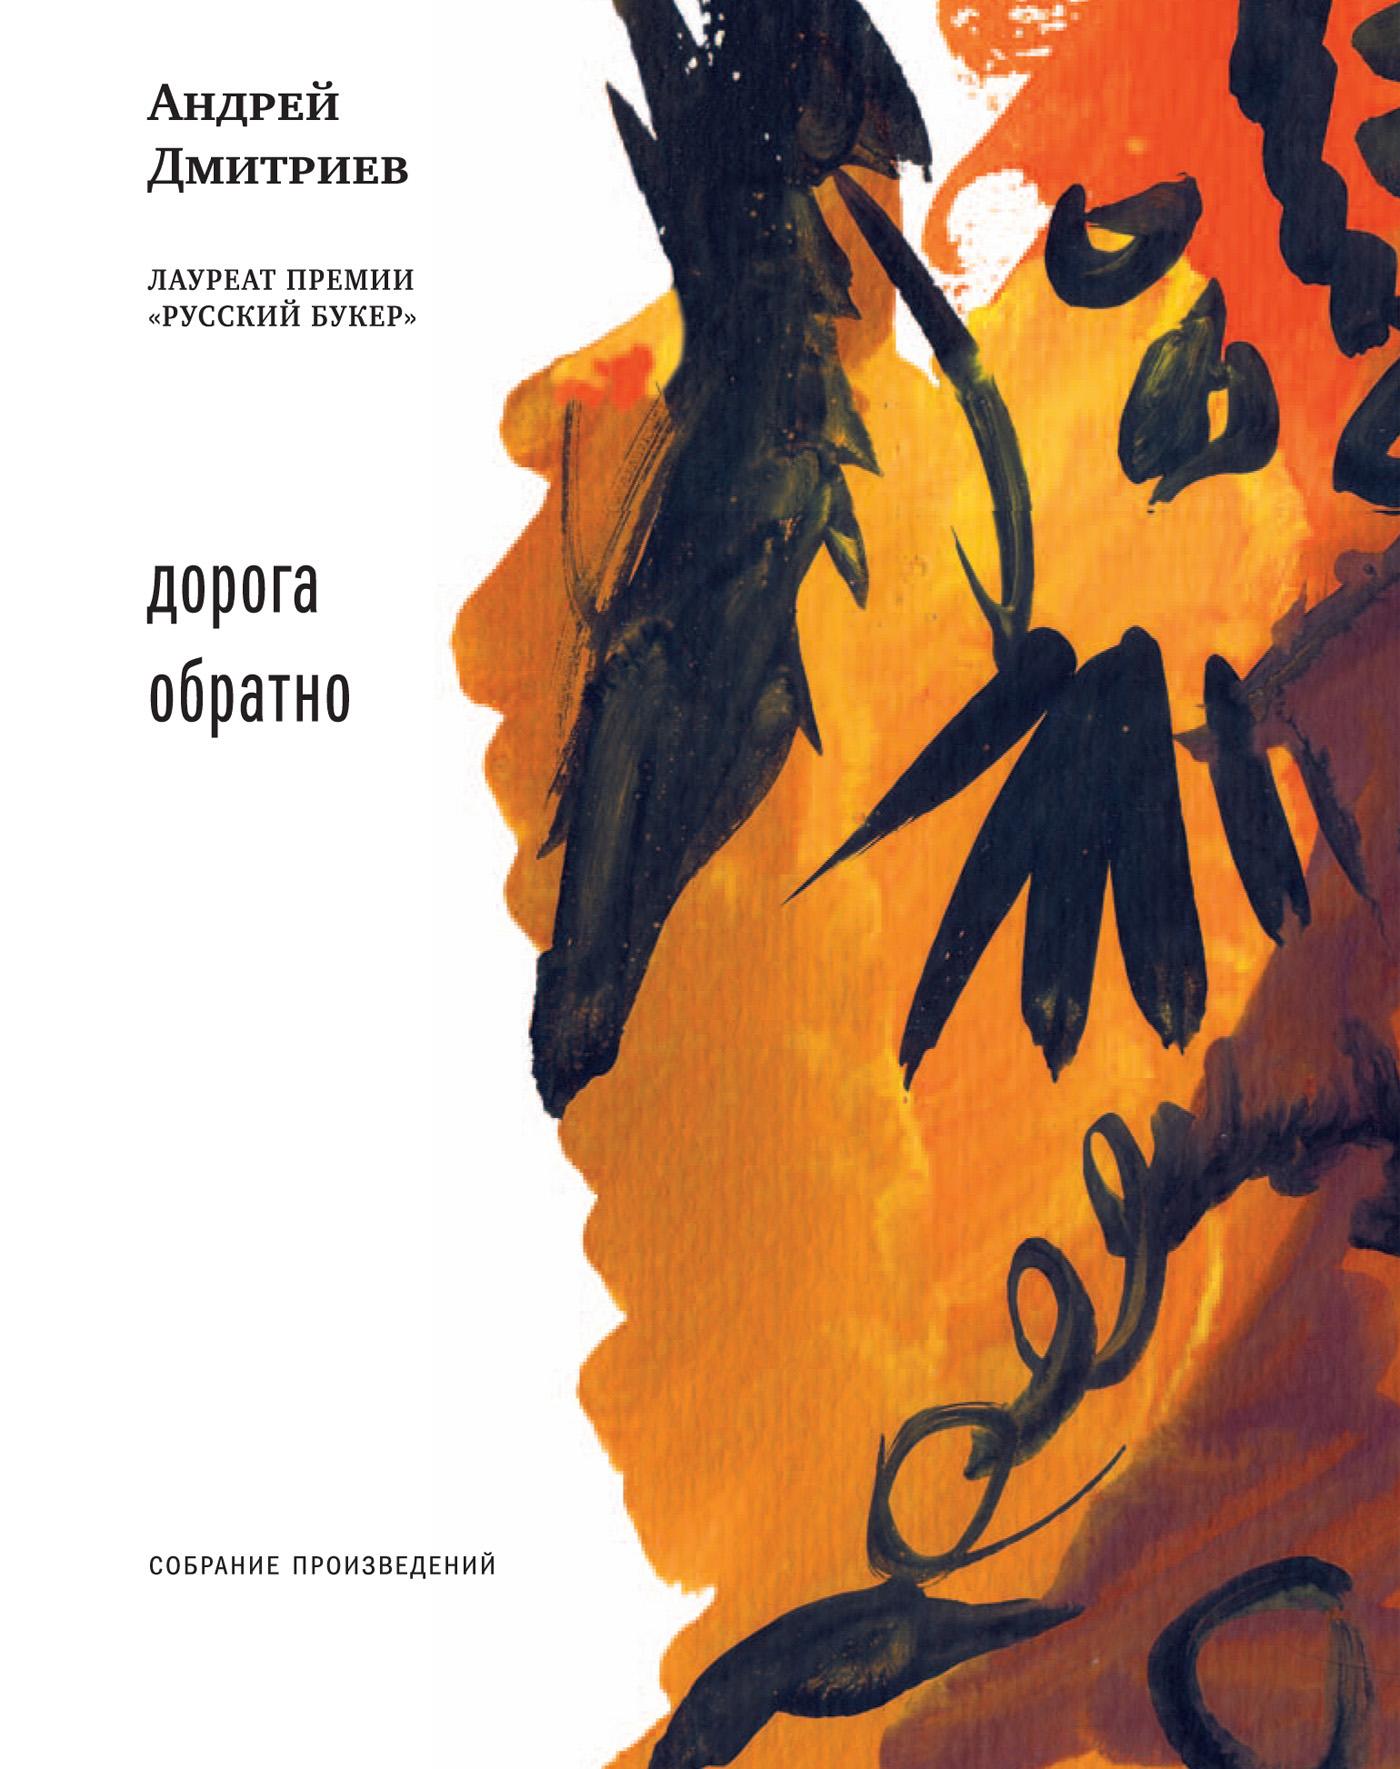 Андрей Дмитриев Дорога обратно (сборник) андрей ашкеров интеллектуалы и модернизация